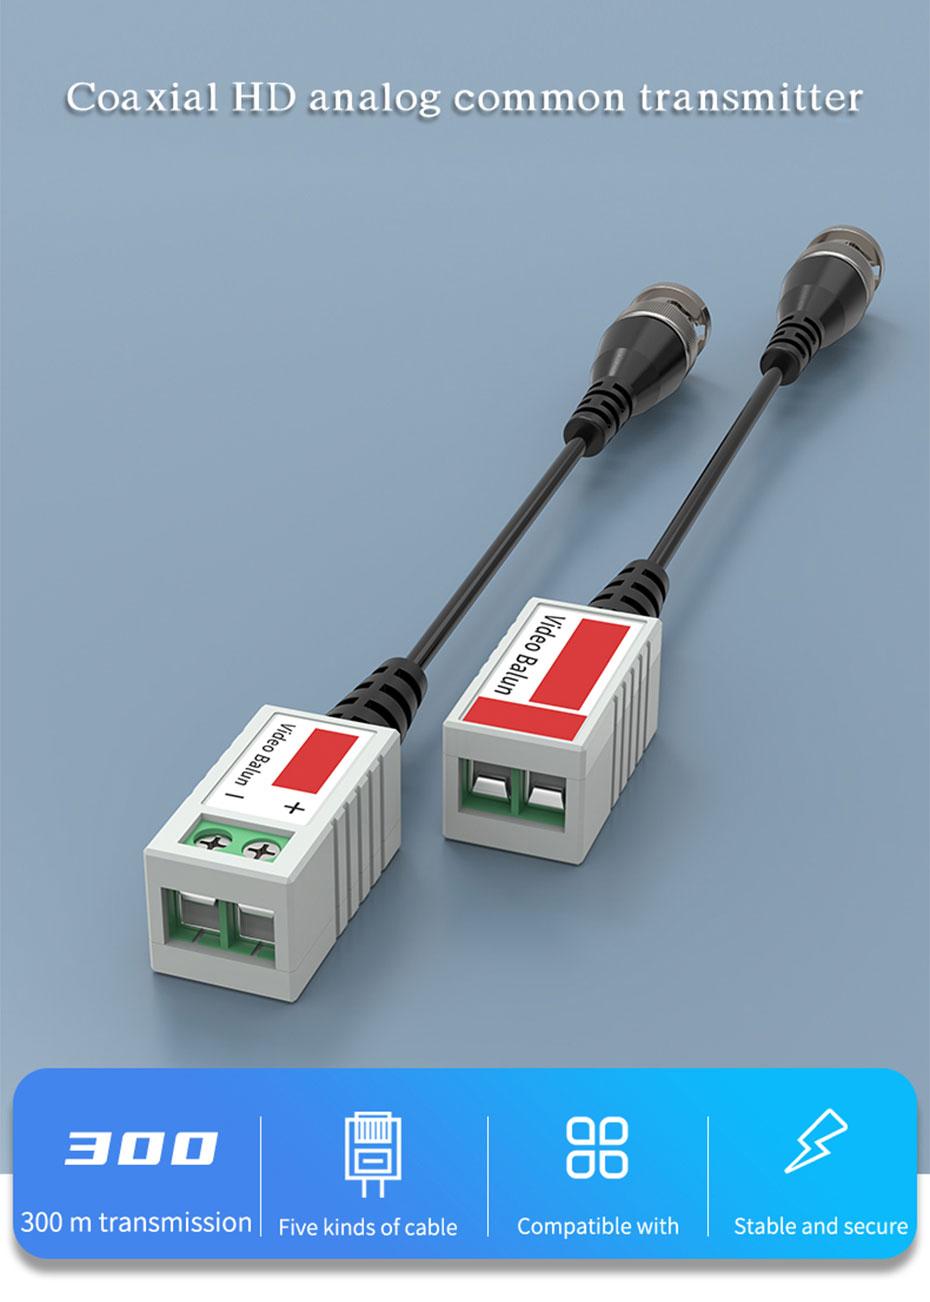 300m coaxial HD analog transmitter TZ300